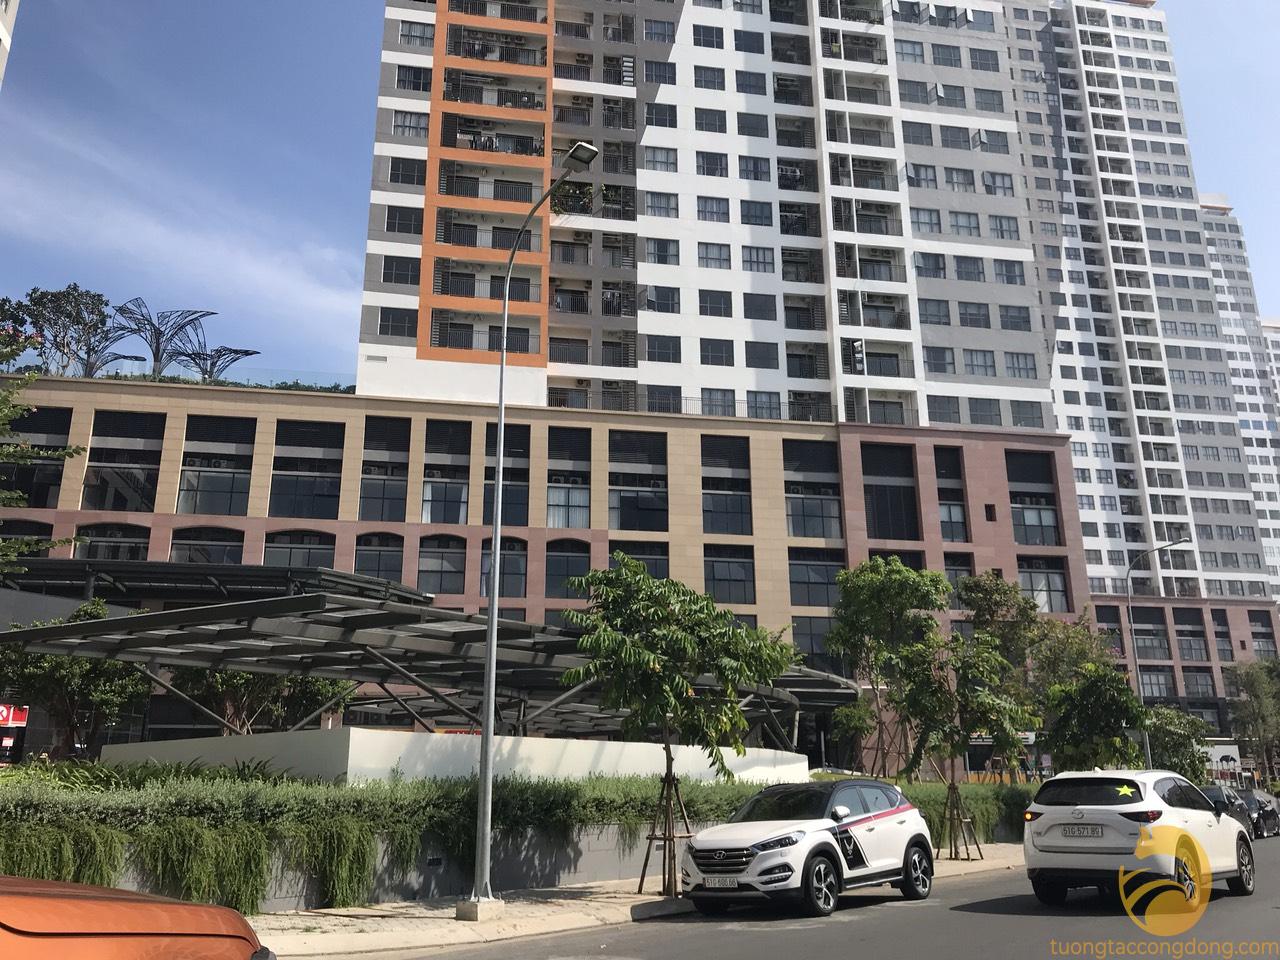 Bán căn hộ mặt tiền mai chí thọ quận 2 - Tp. Hồ Chí Minh